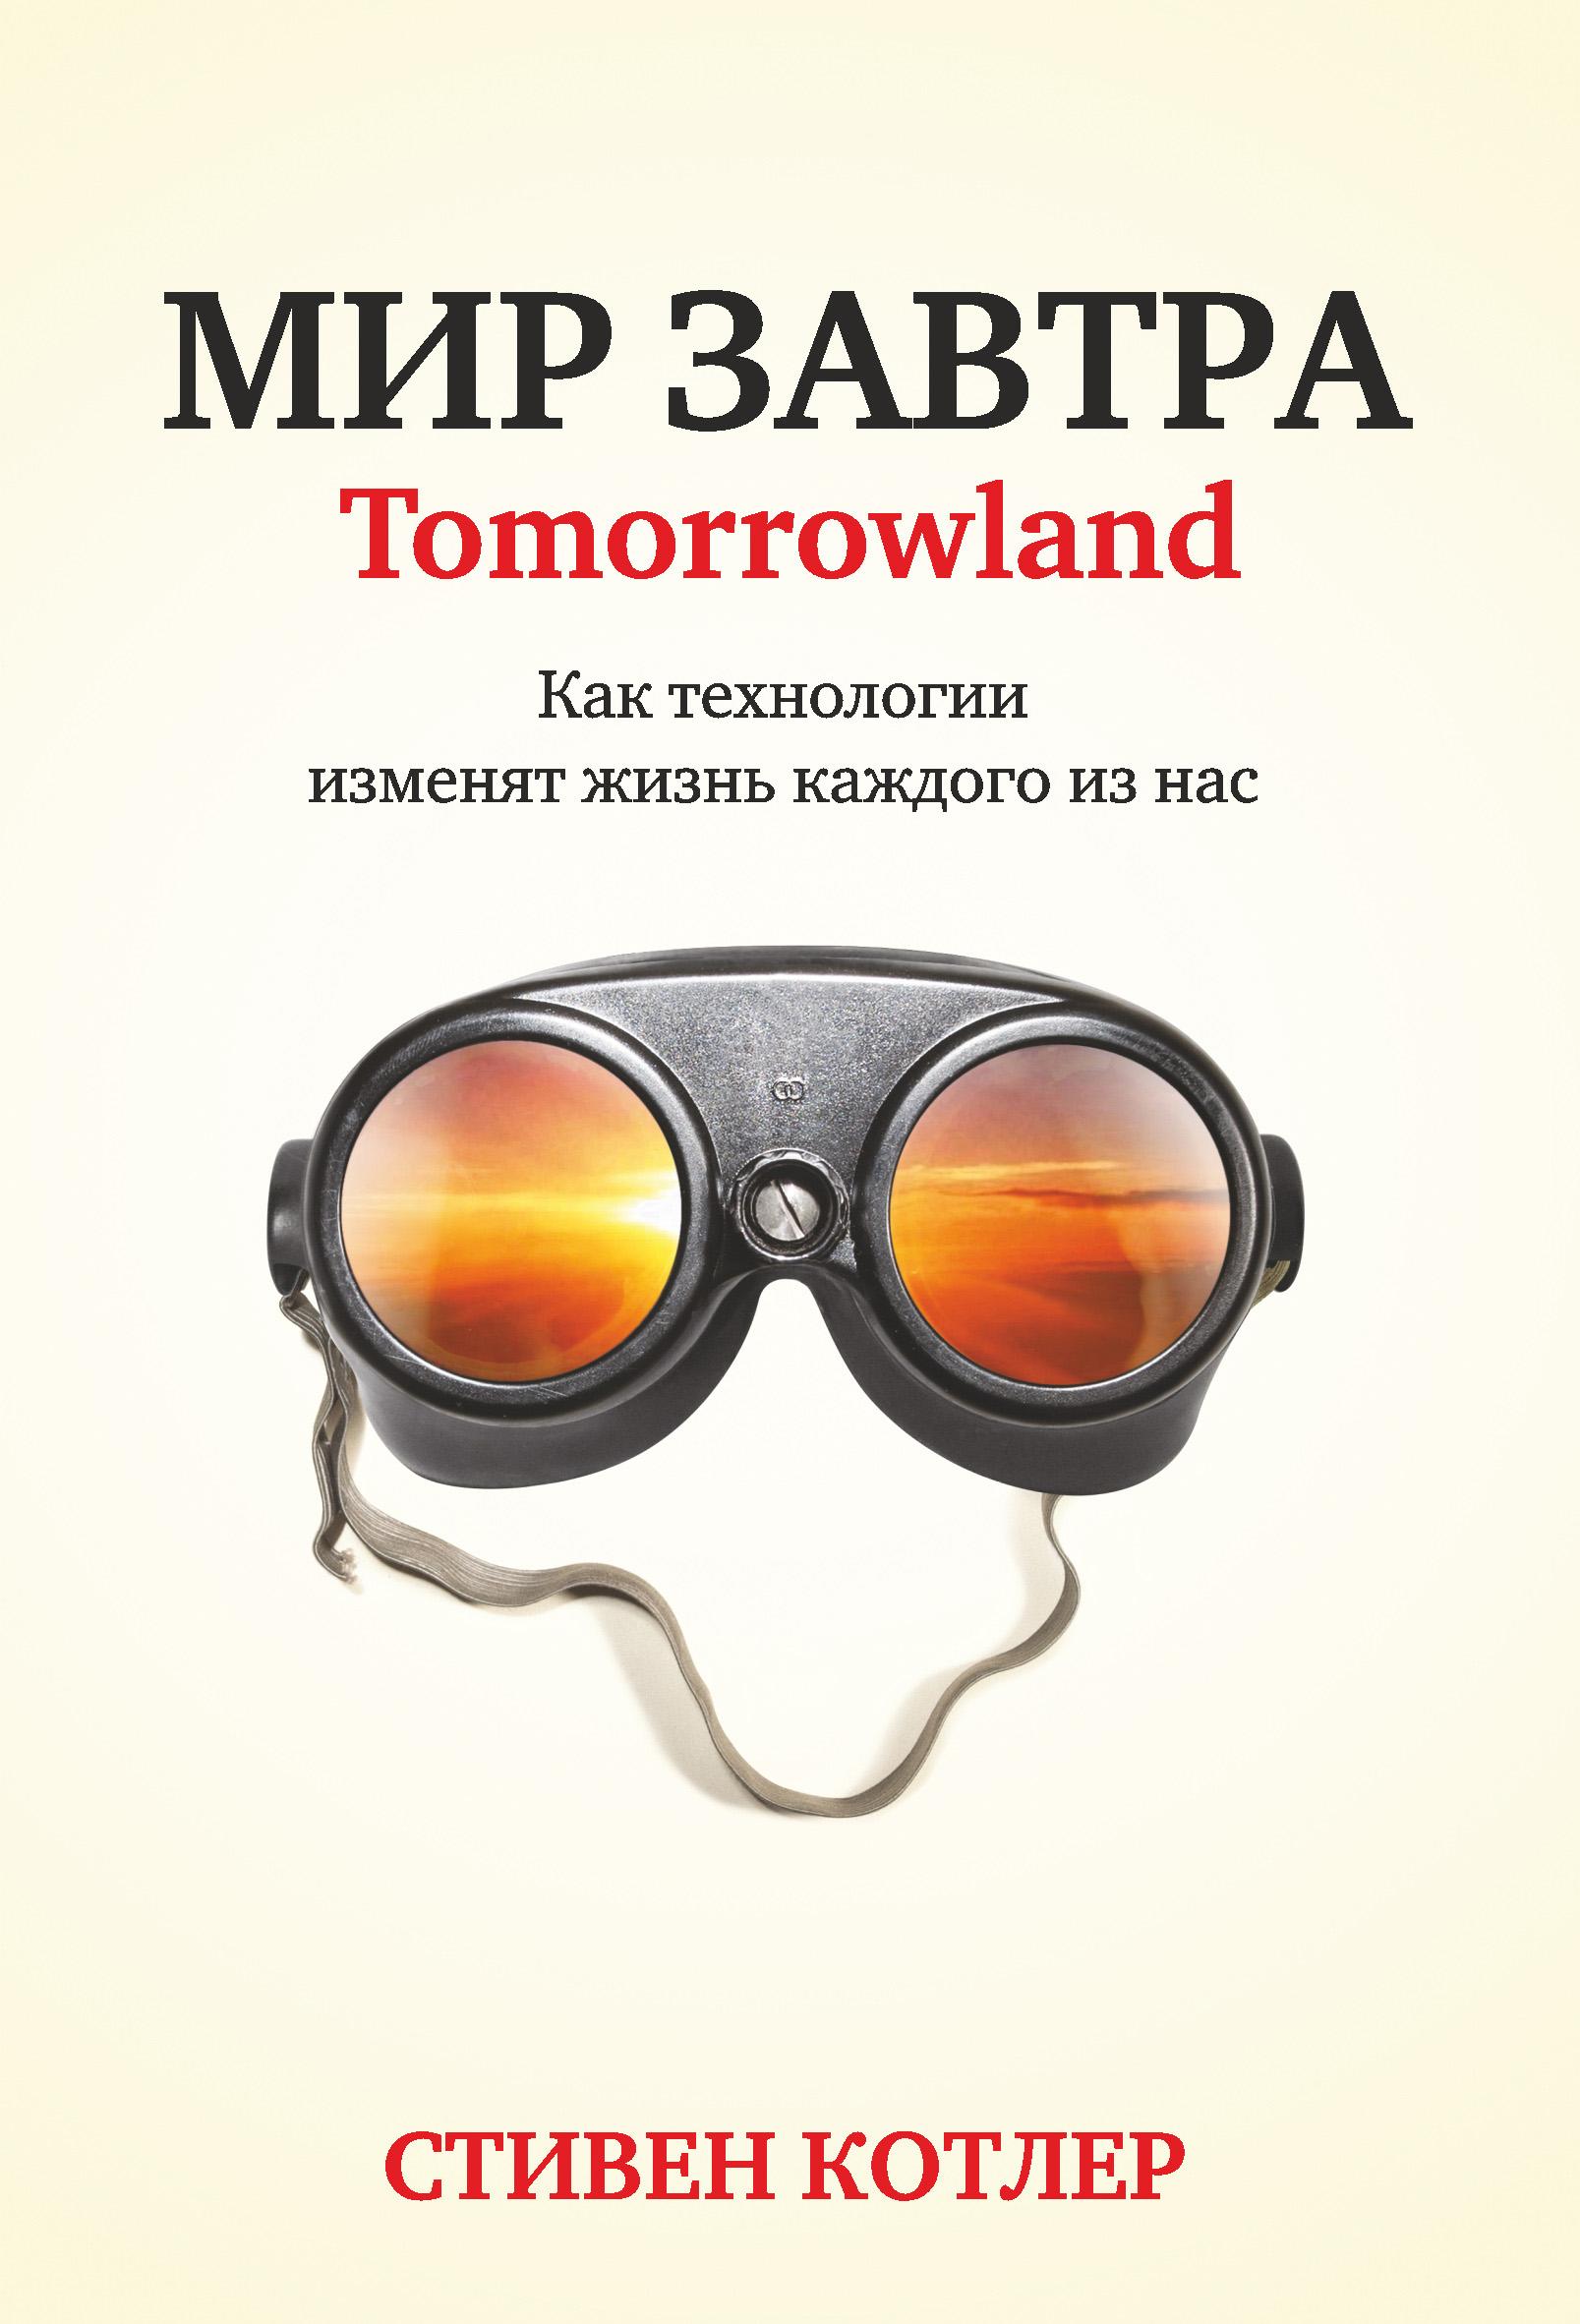 Стивен Котлер Мир завтра. Как технологии изменят жизнь каждого из нас